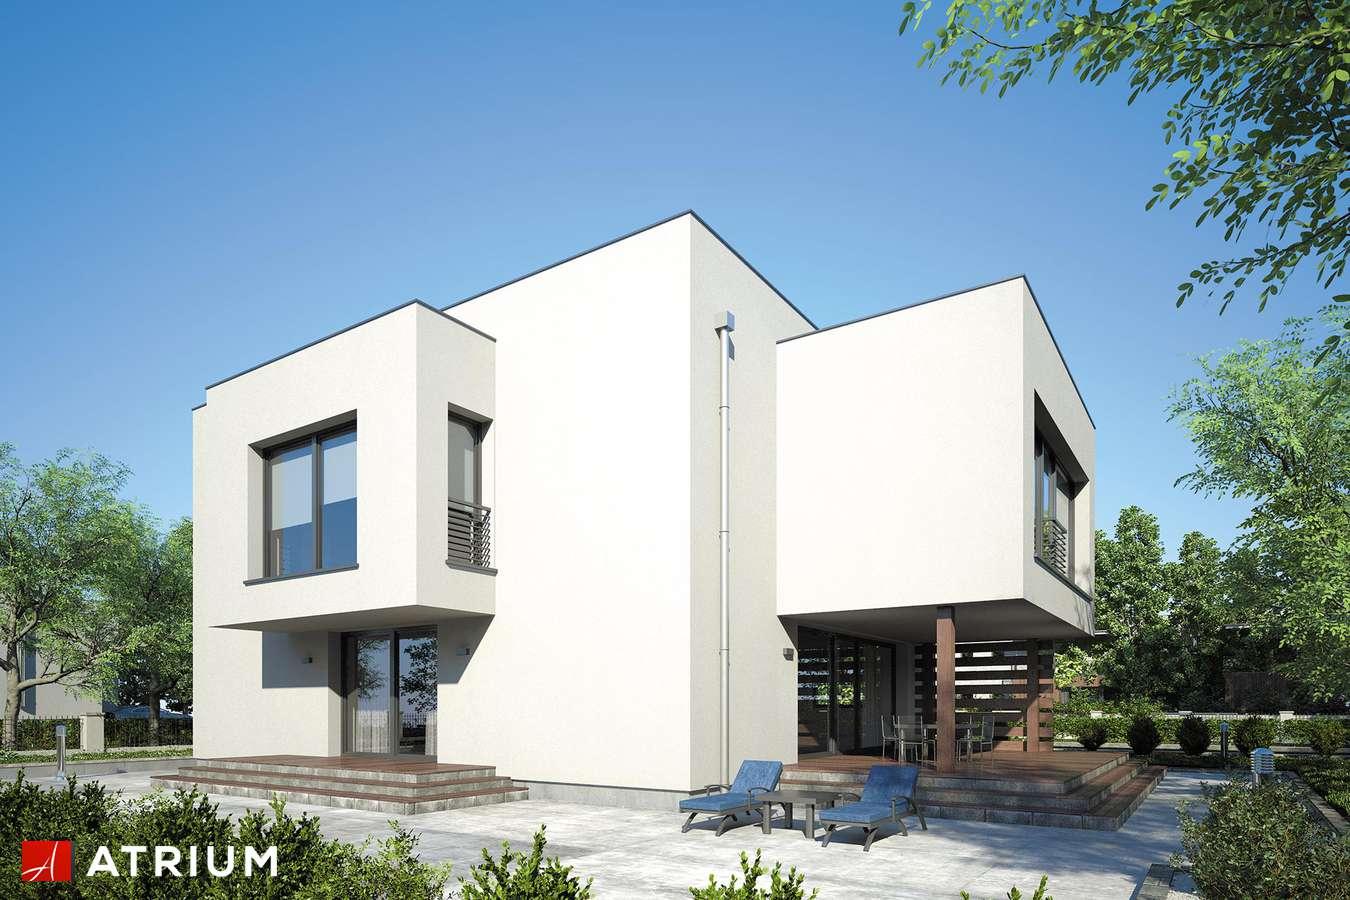 Projekty domów - Projekt domu piętrowego SENATOR - wizualizacja 2